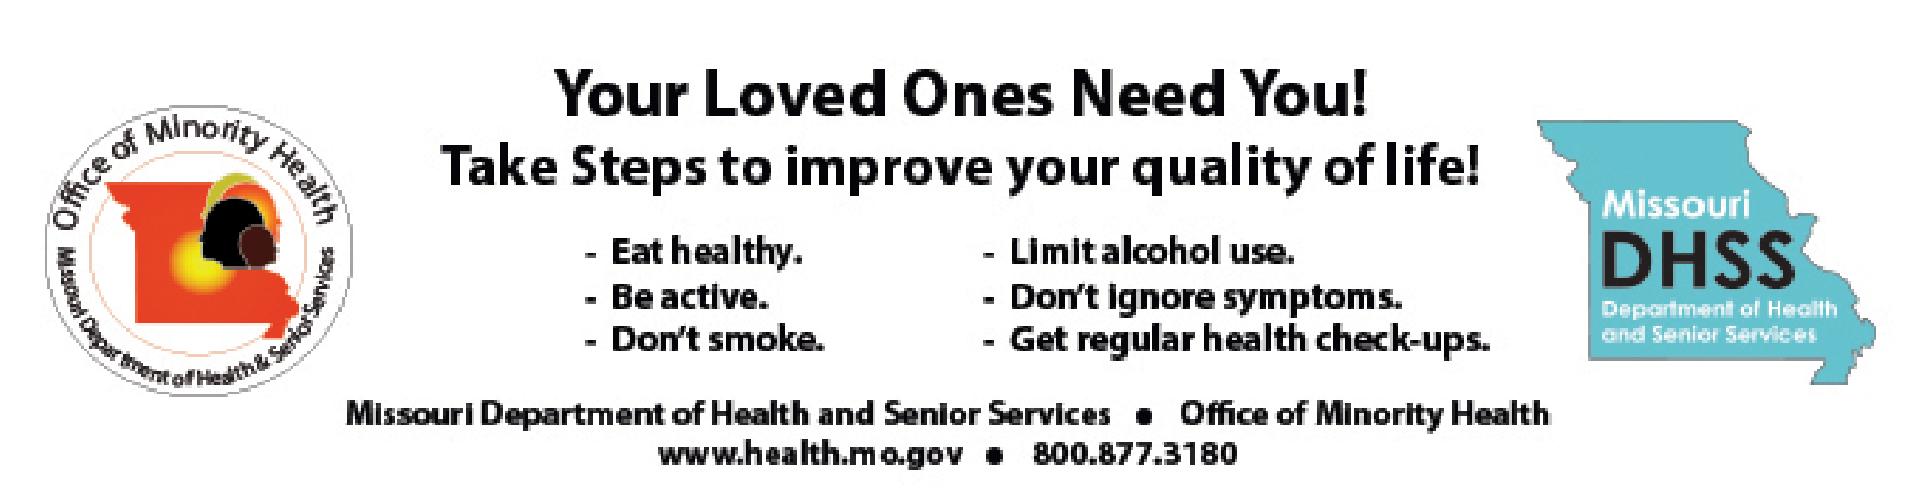 MO Dept Health Senior Services